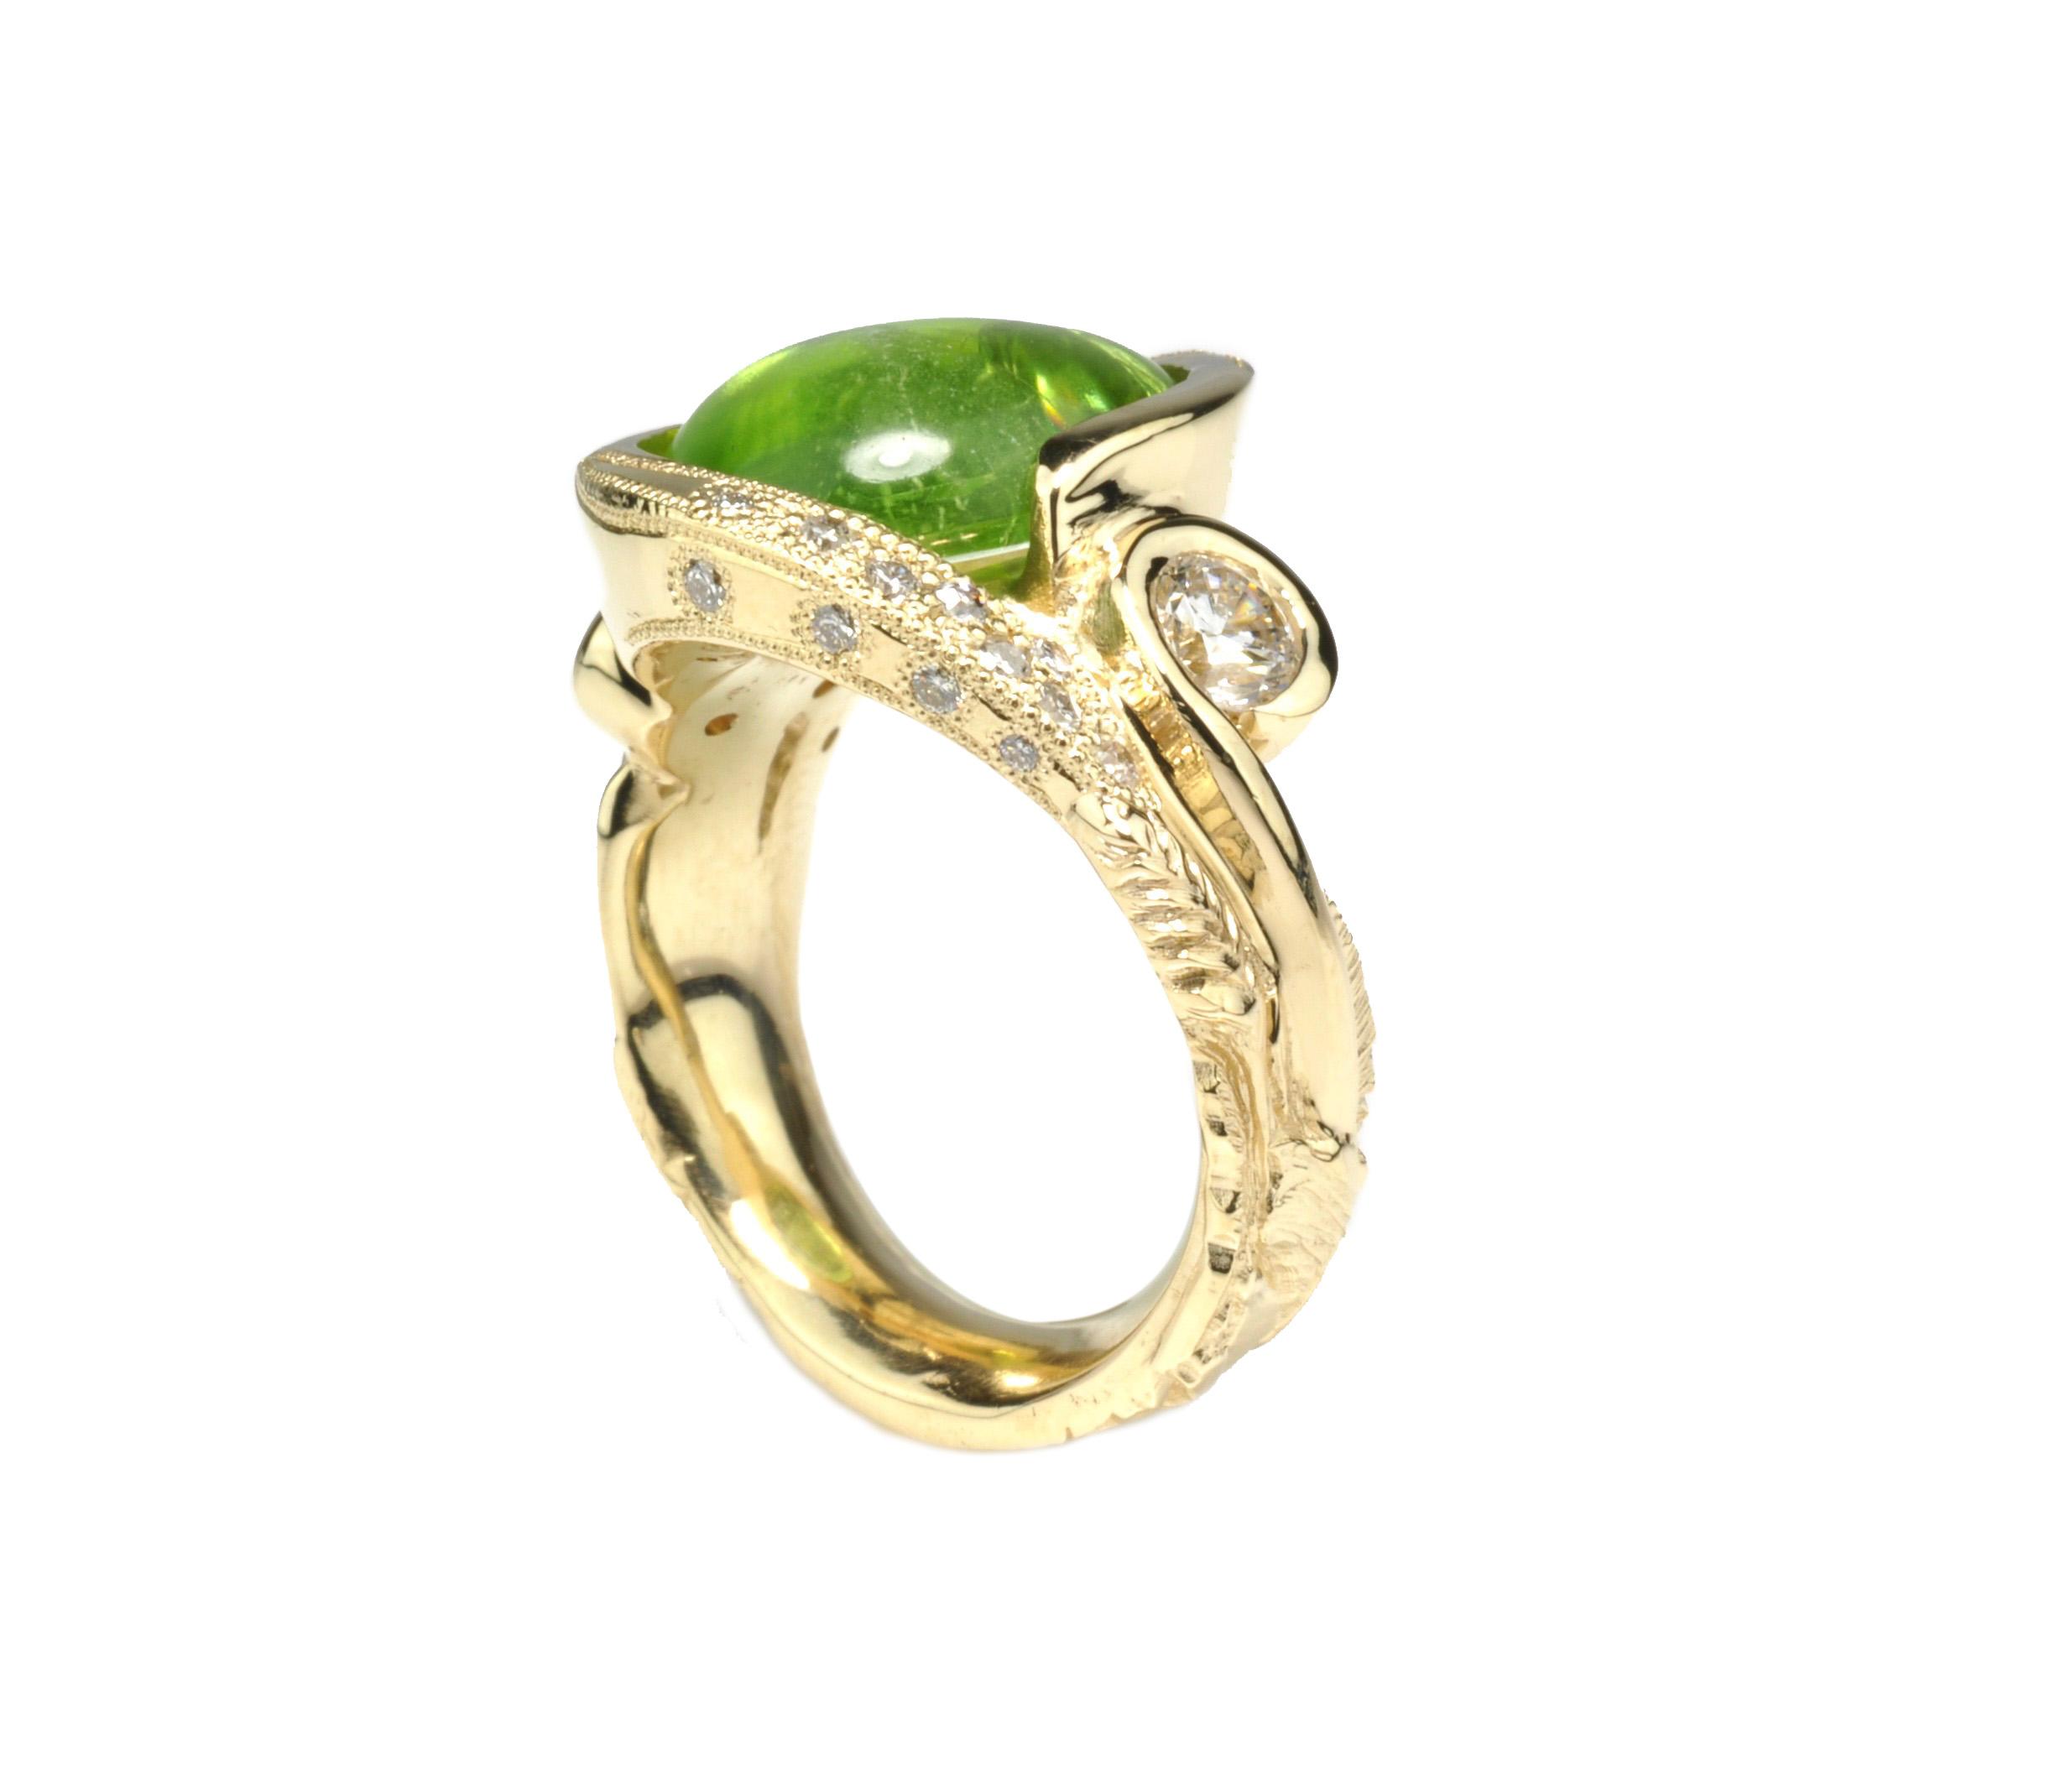 Waylon Rhoads Original 10k Gold Ring with Peridot and Diamonds